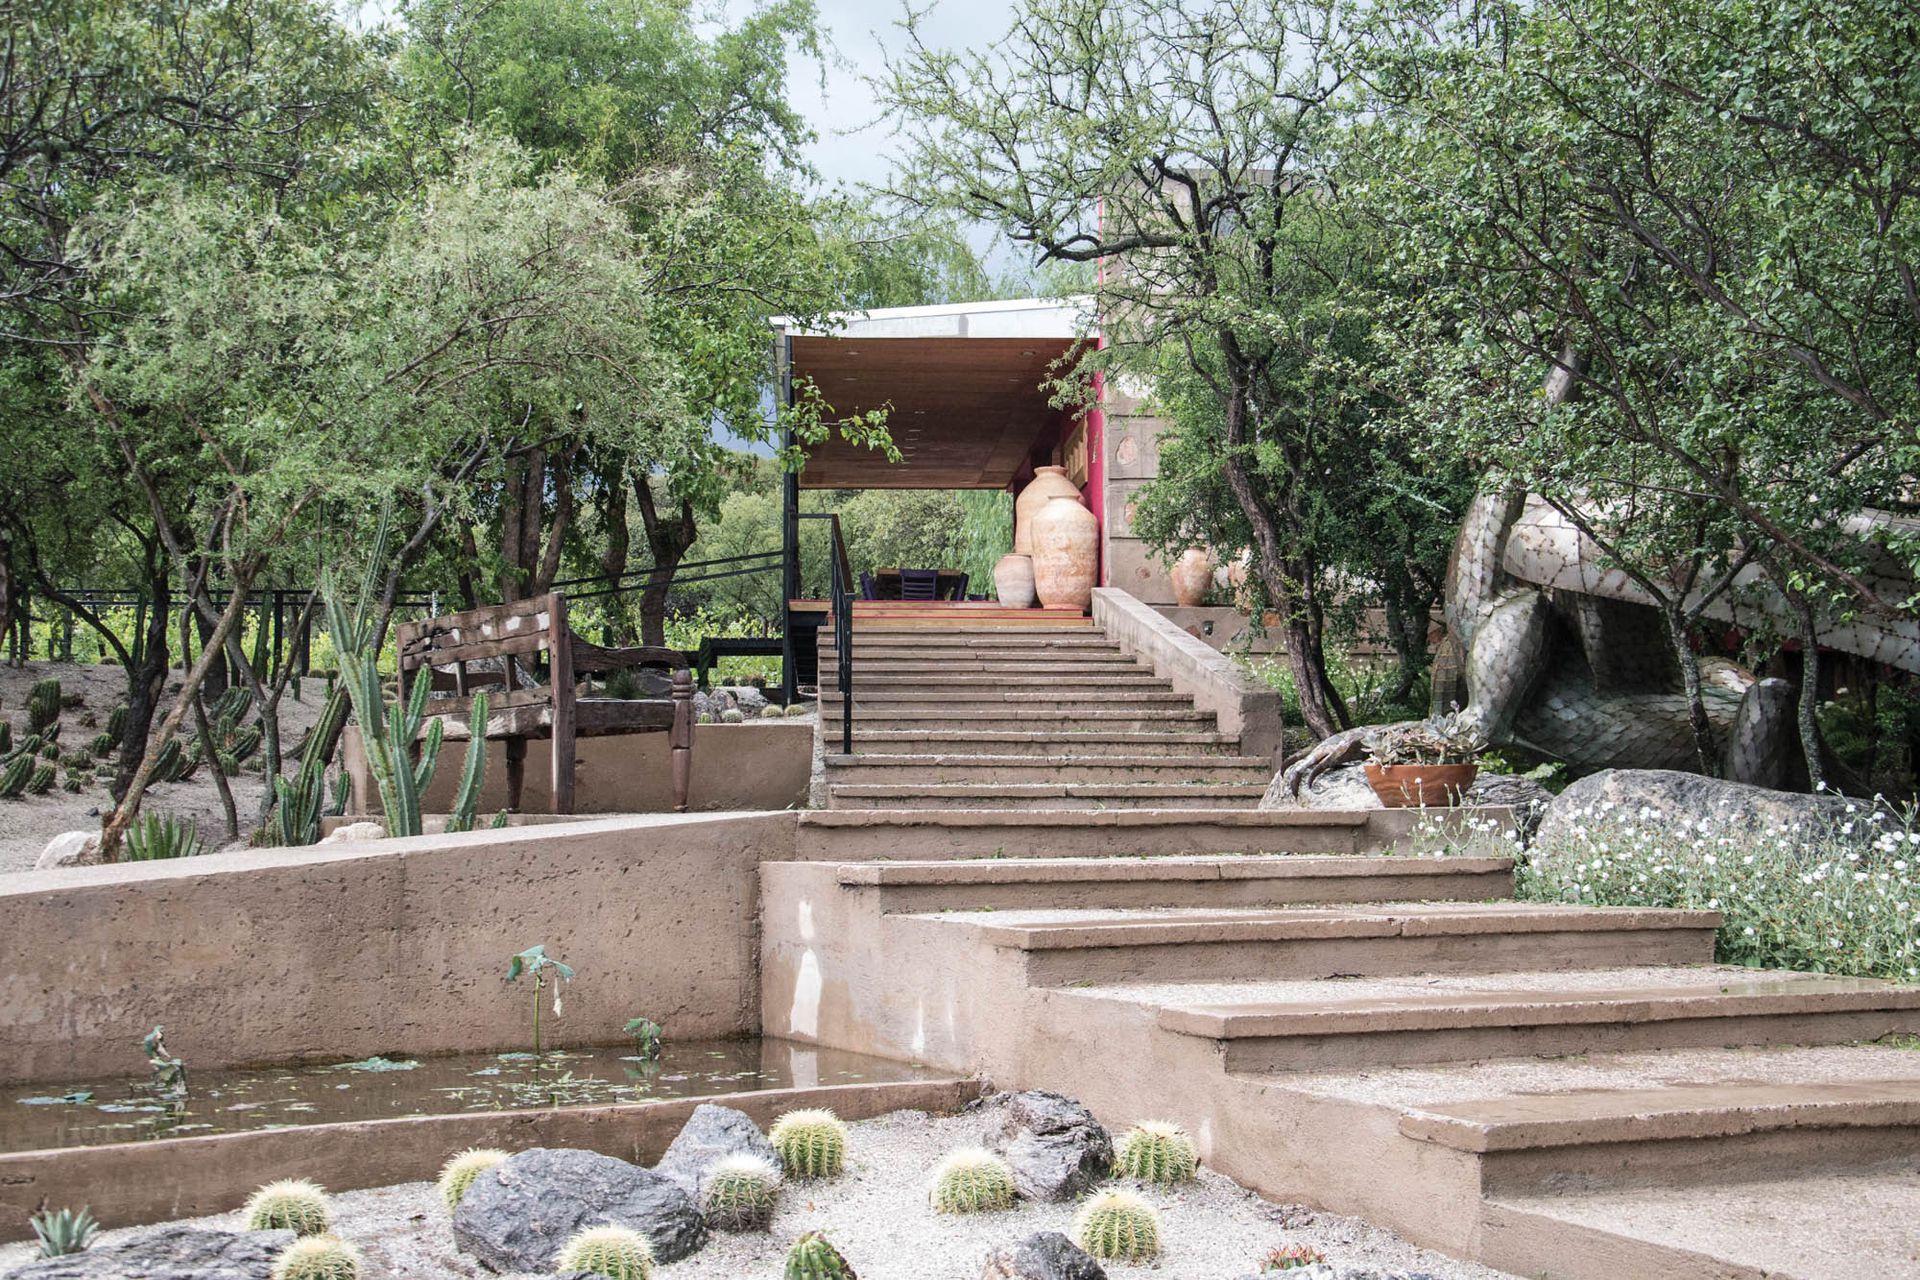 La bodega es una de las últimas construcciones emprendidas por Goyo y Ana. El dragón realizado por el artista Basilio Cheli (Bachi) sorprende en el ingreso a la bodega.